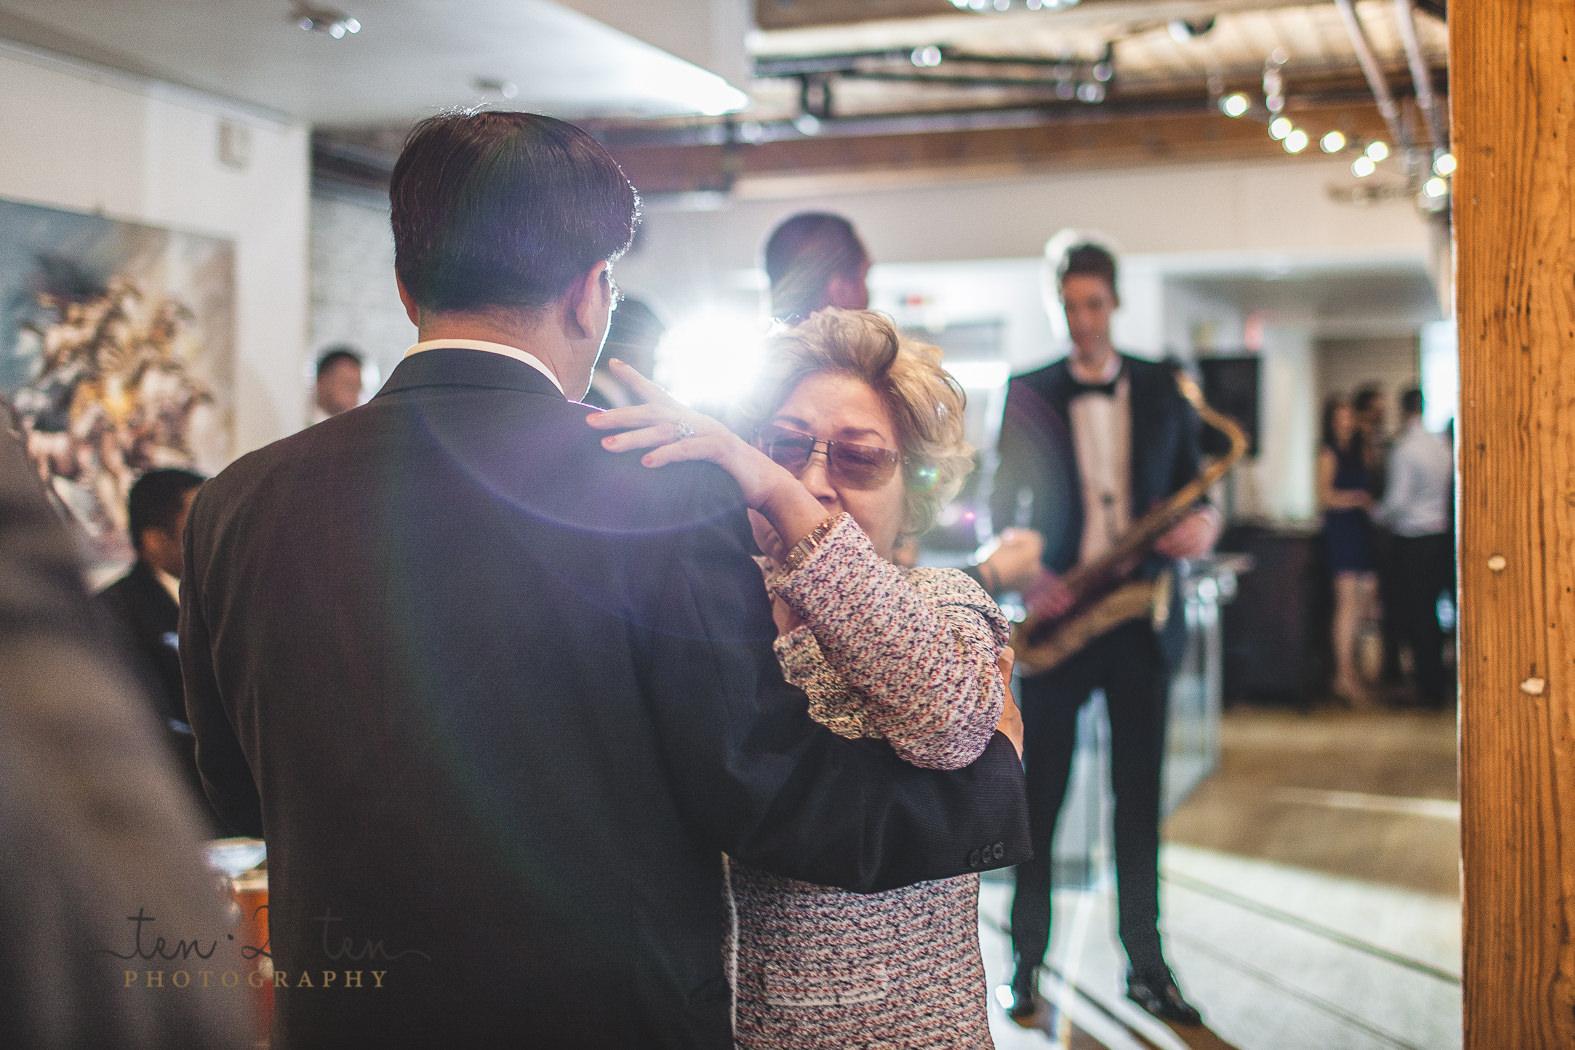 hotel ocho wedding, hotel ocho wedding photos, hotel ocho wedding photography, downtown toronto wedding, toronto wedding photographer